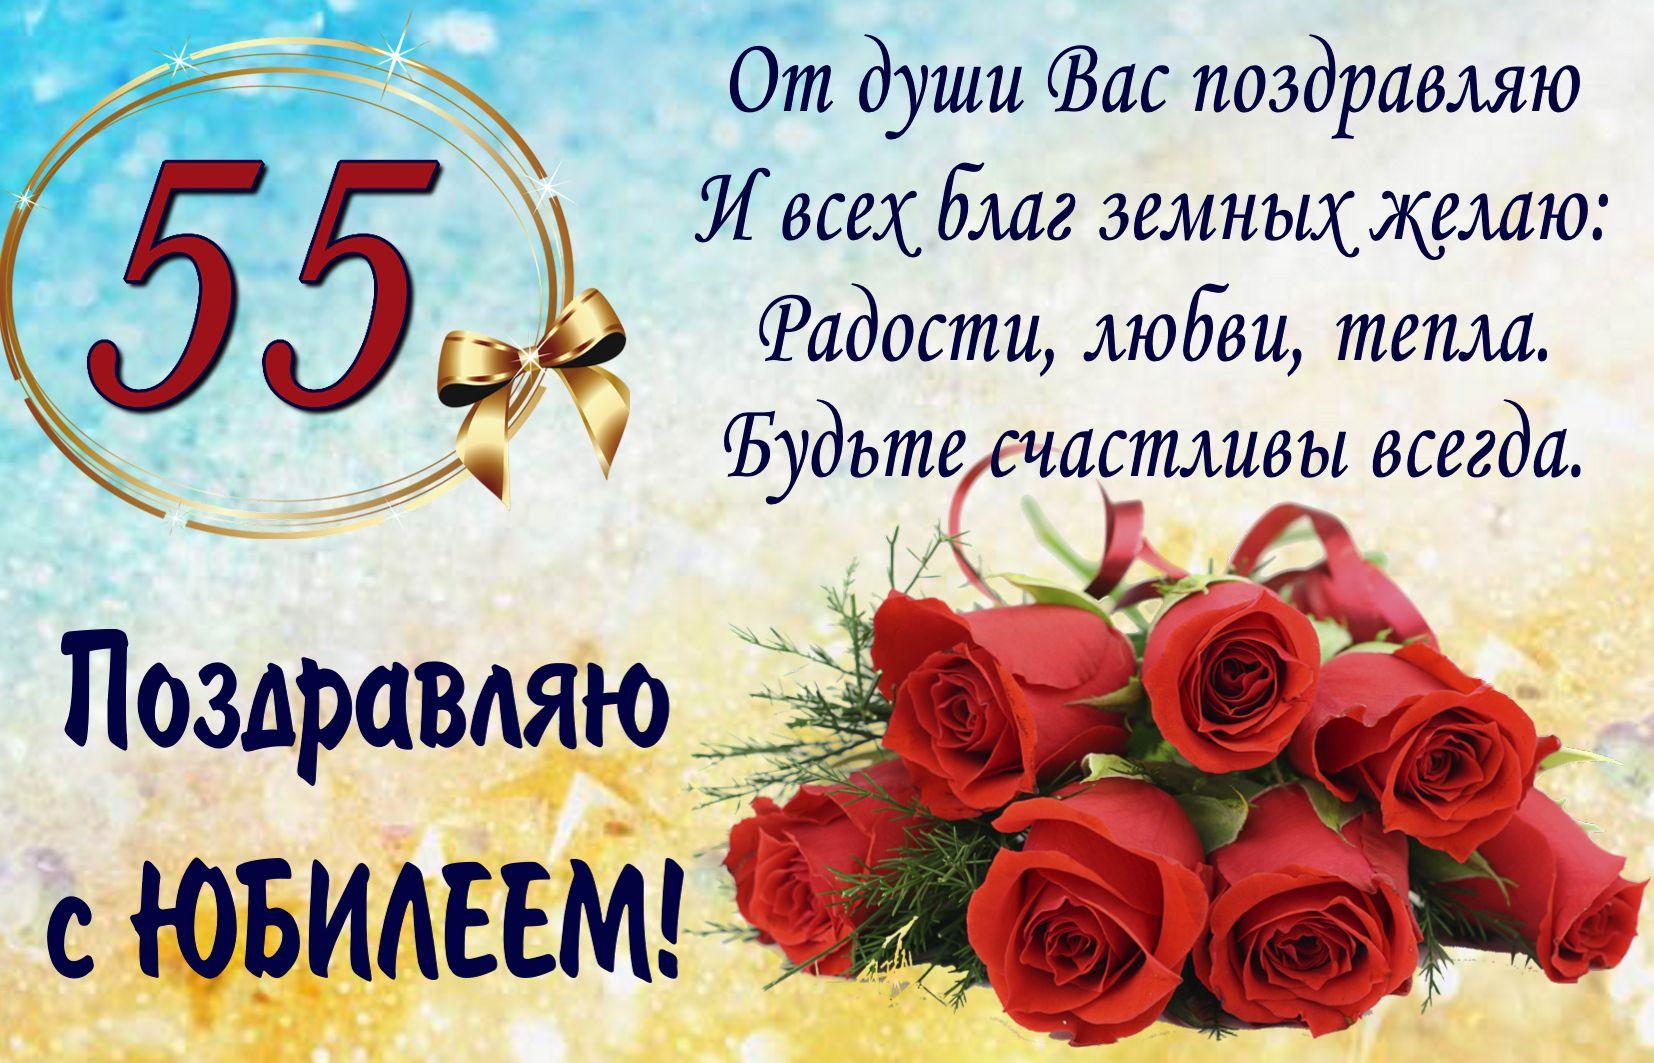 Открытка на 55 лет - красные розы и пожелание к юбилею